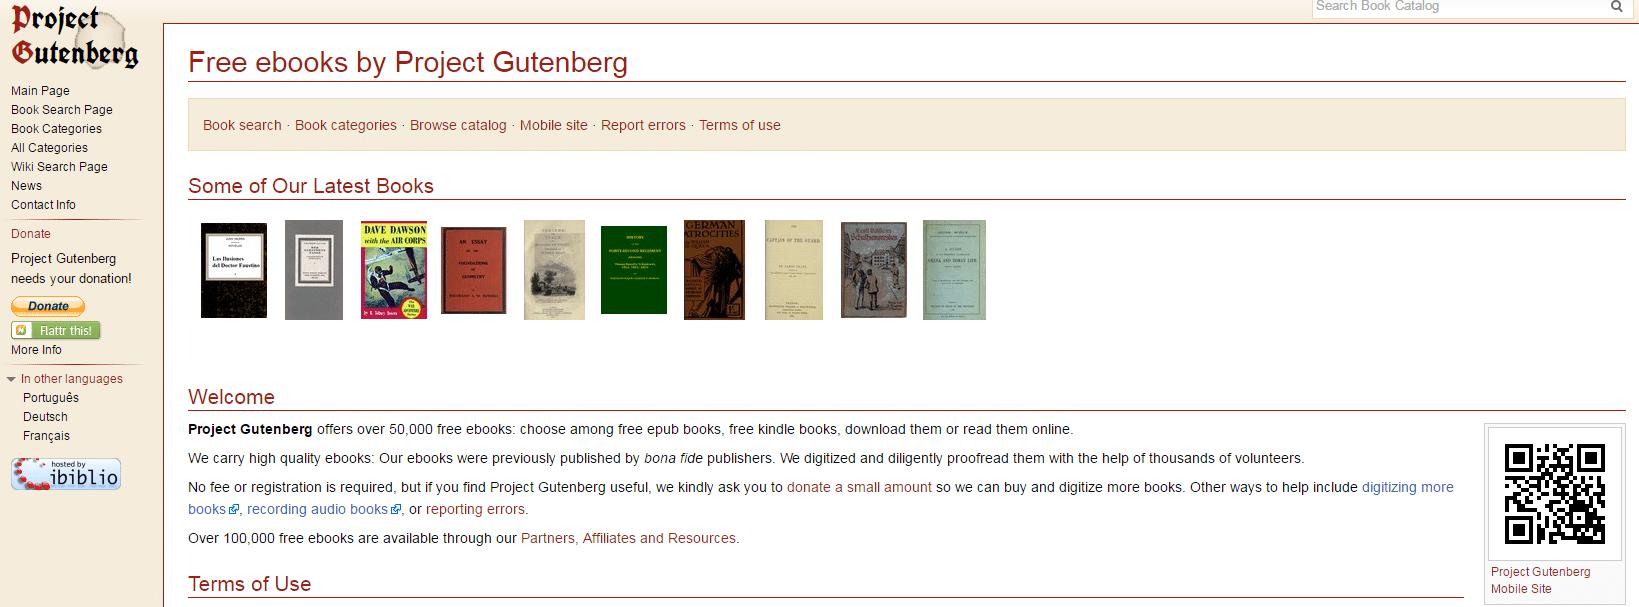 книги на английскои бесплатно